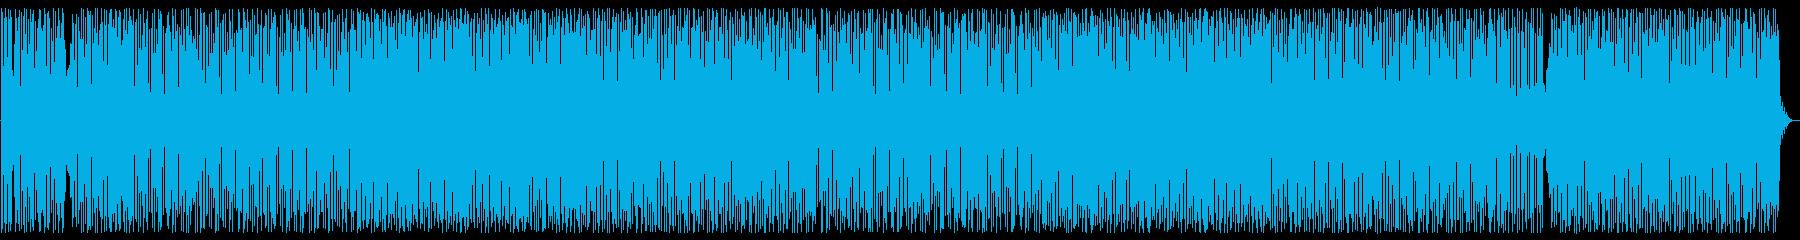 ギャング/マフィア/ドープ/ヒップホップの再生済みの波形